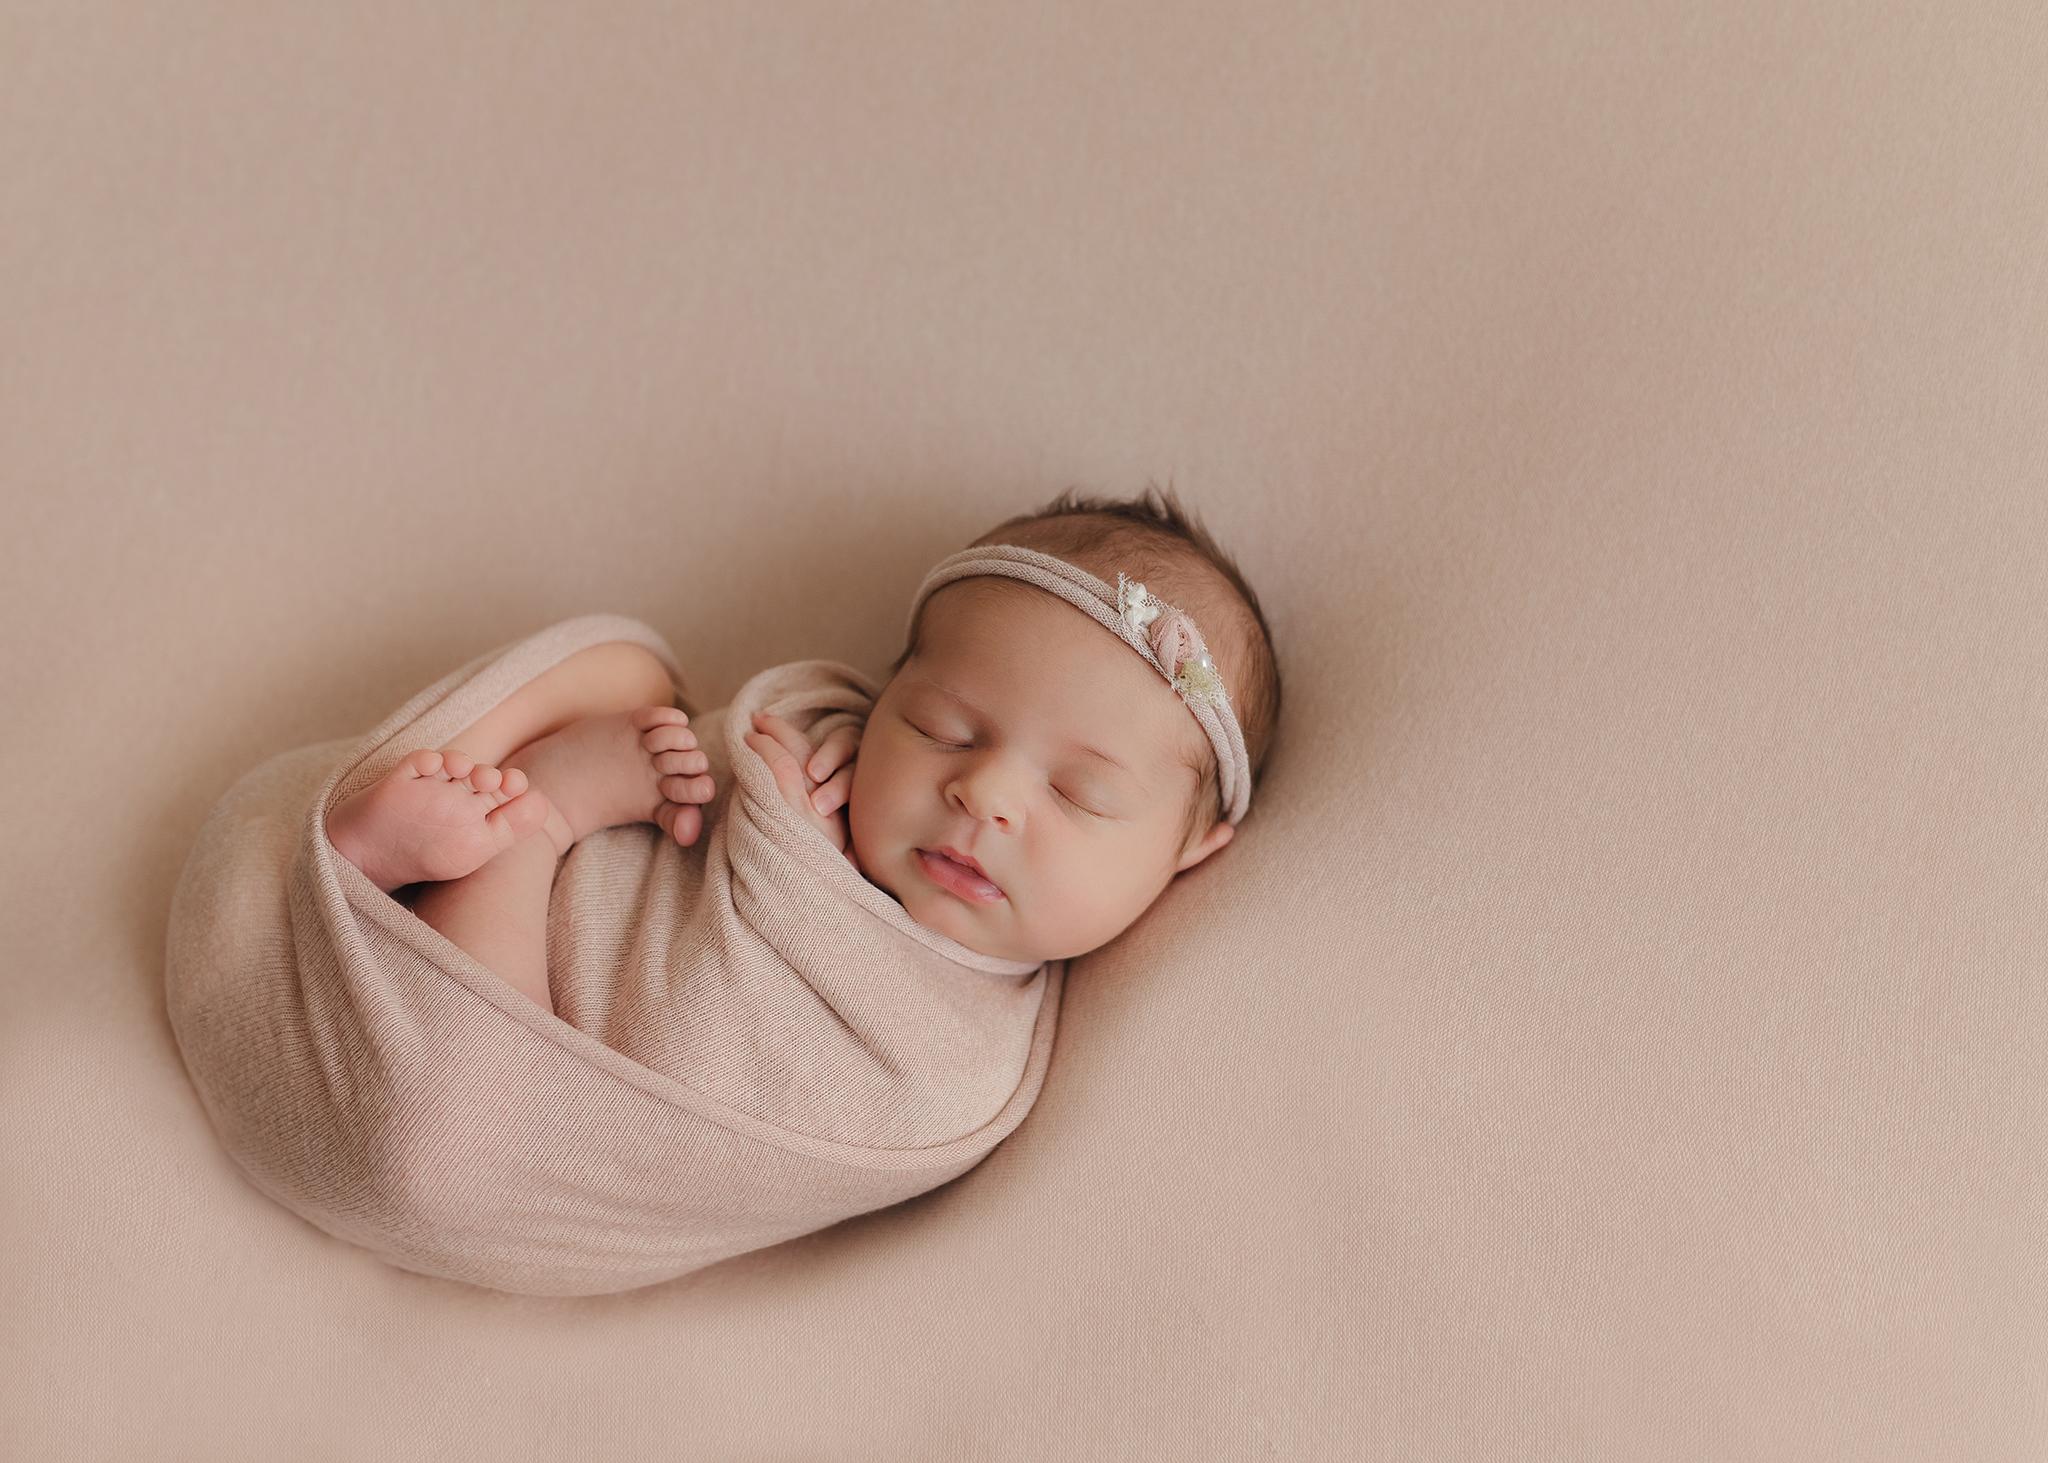 Edmonton Newborn Photographer_Baby Tenleigh 9.jpg